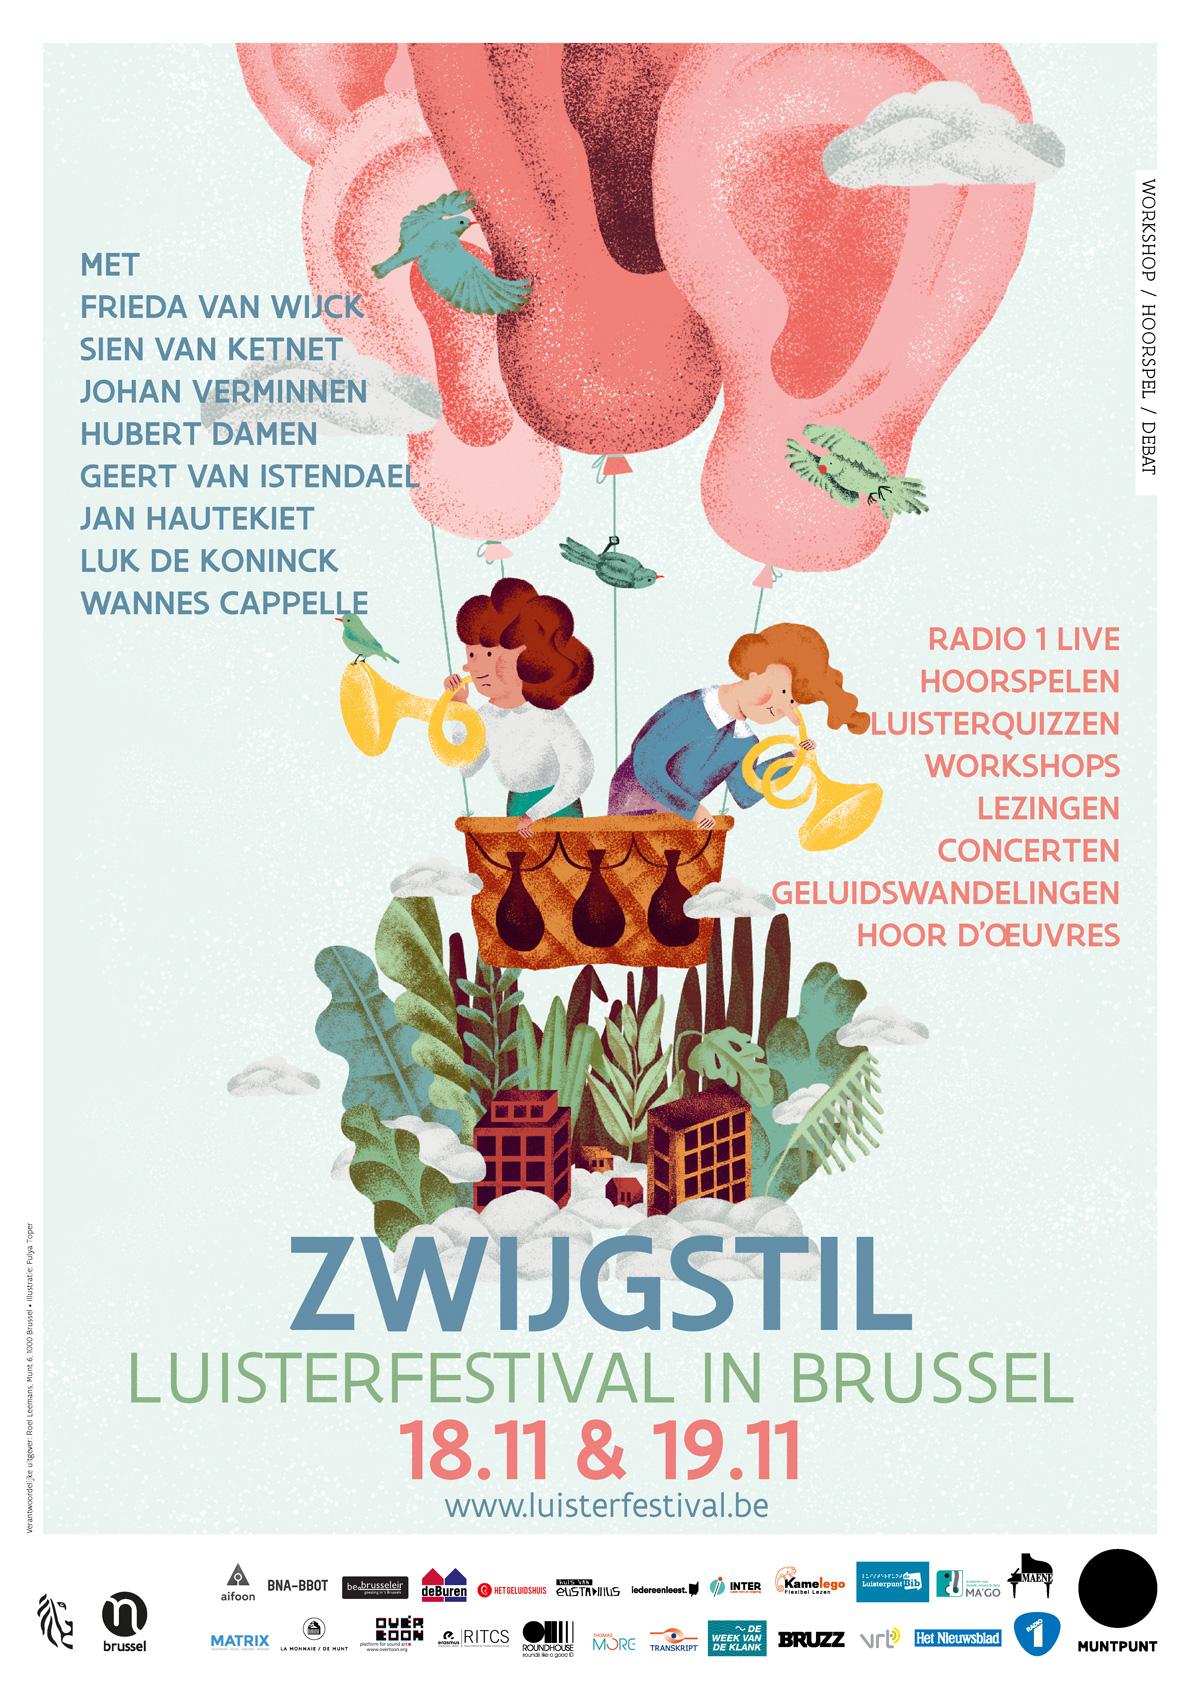 Zwijgstil: luisterfestival in Brussel